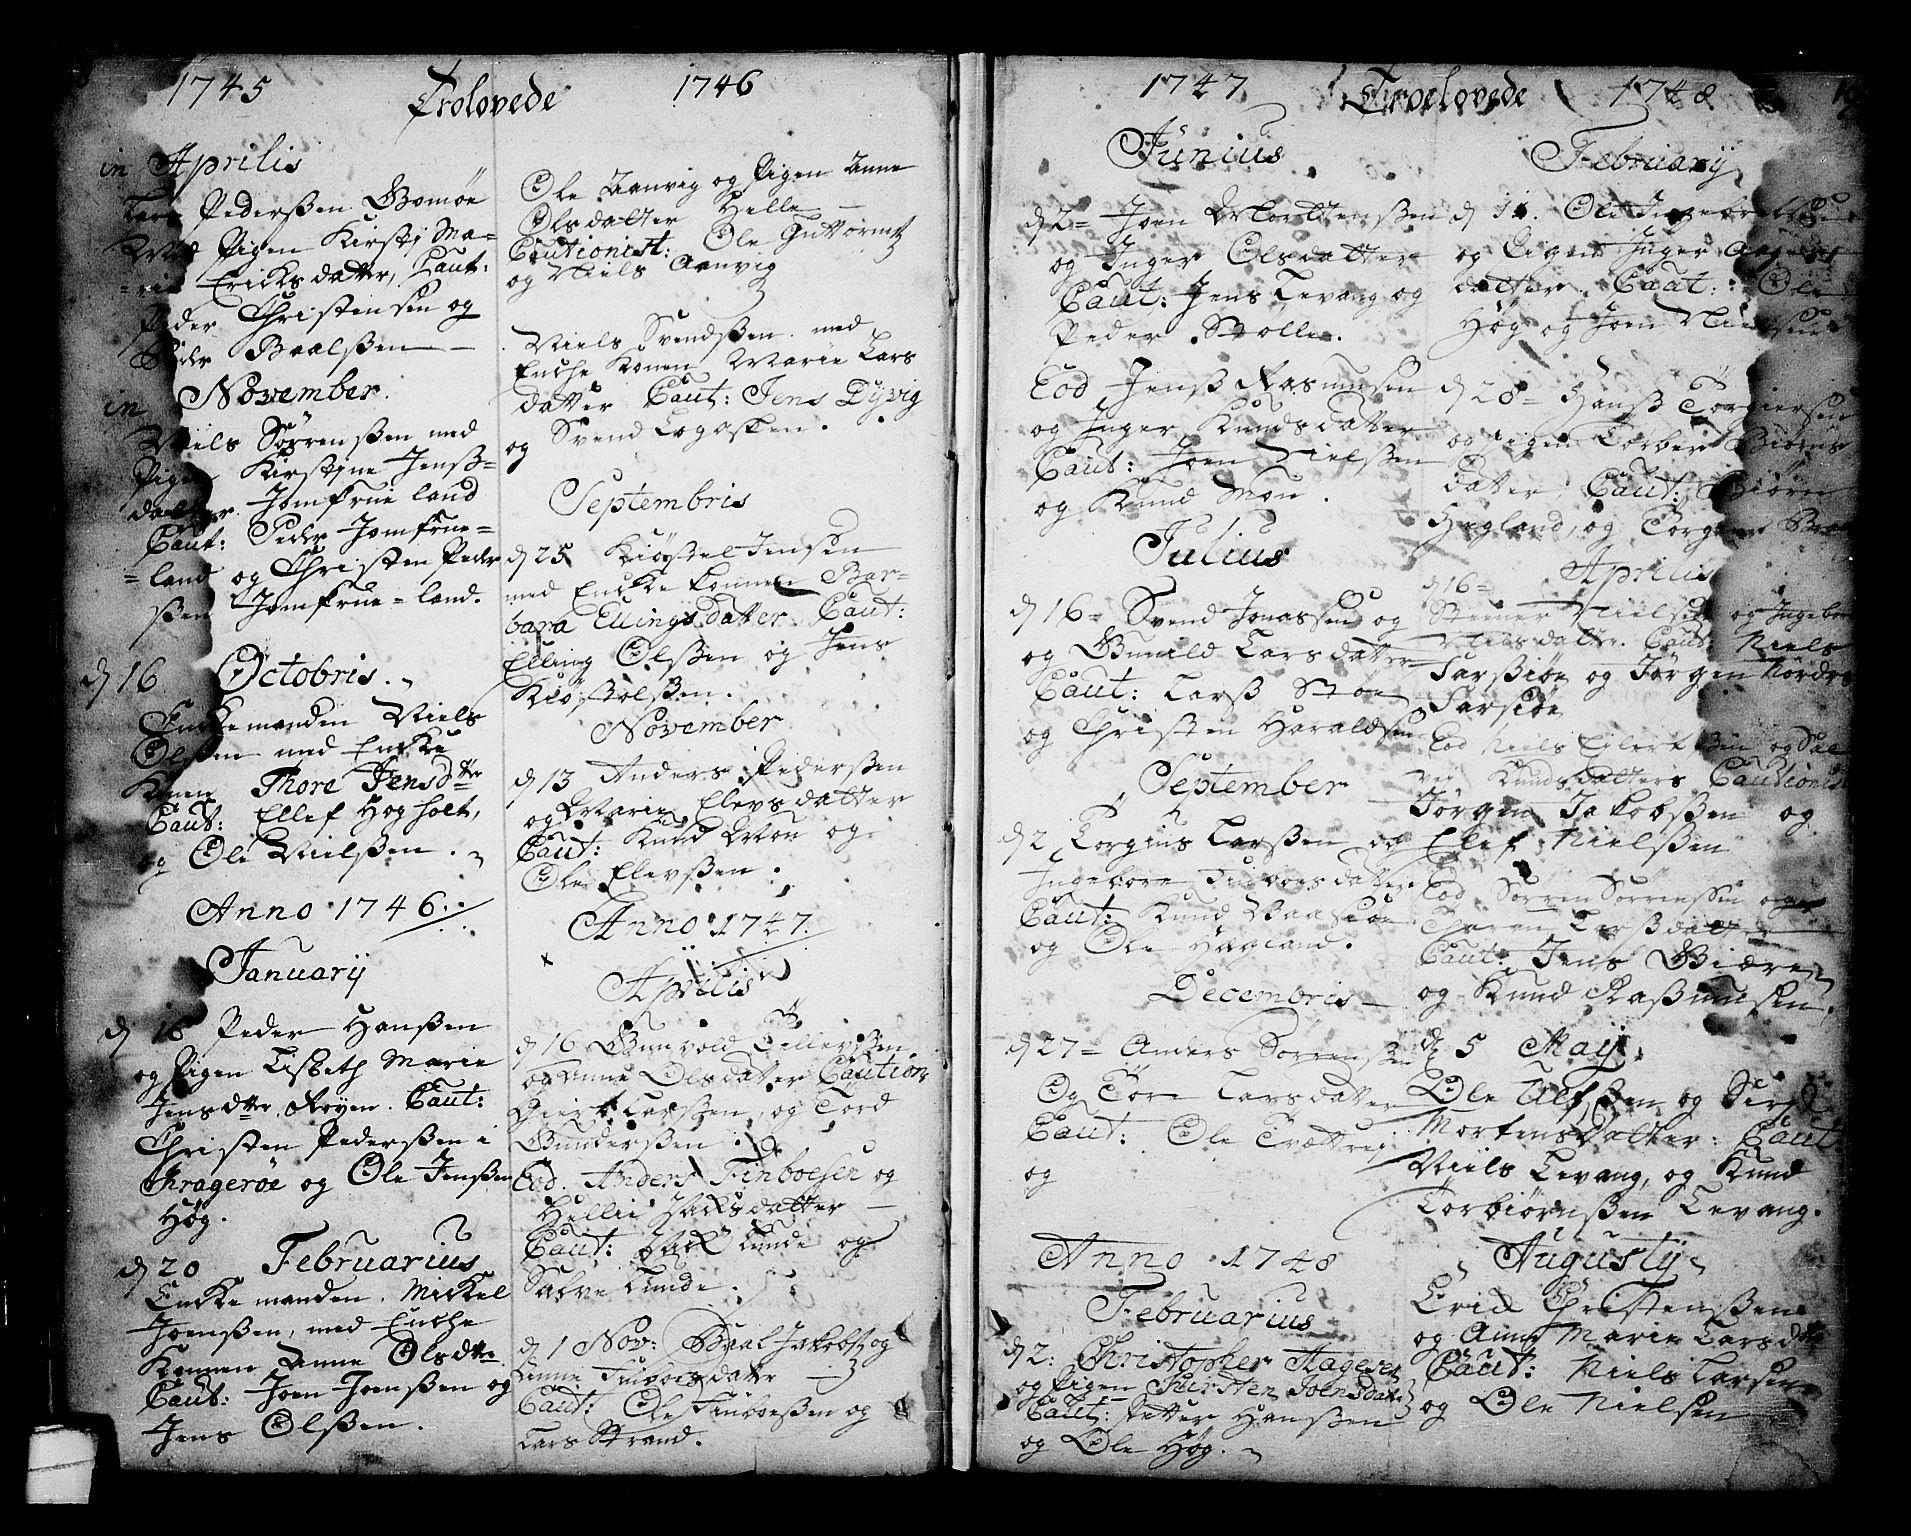 SAKO, Sannidal kirkebøker, F/Fa/L0001: Ministerialbok nr. 1, 1702-1766, s. 18-19